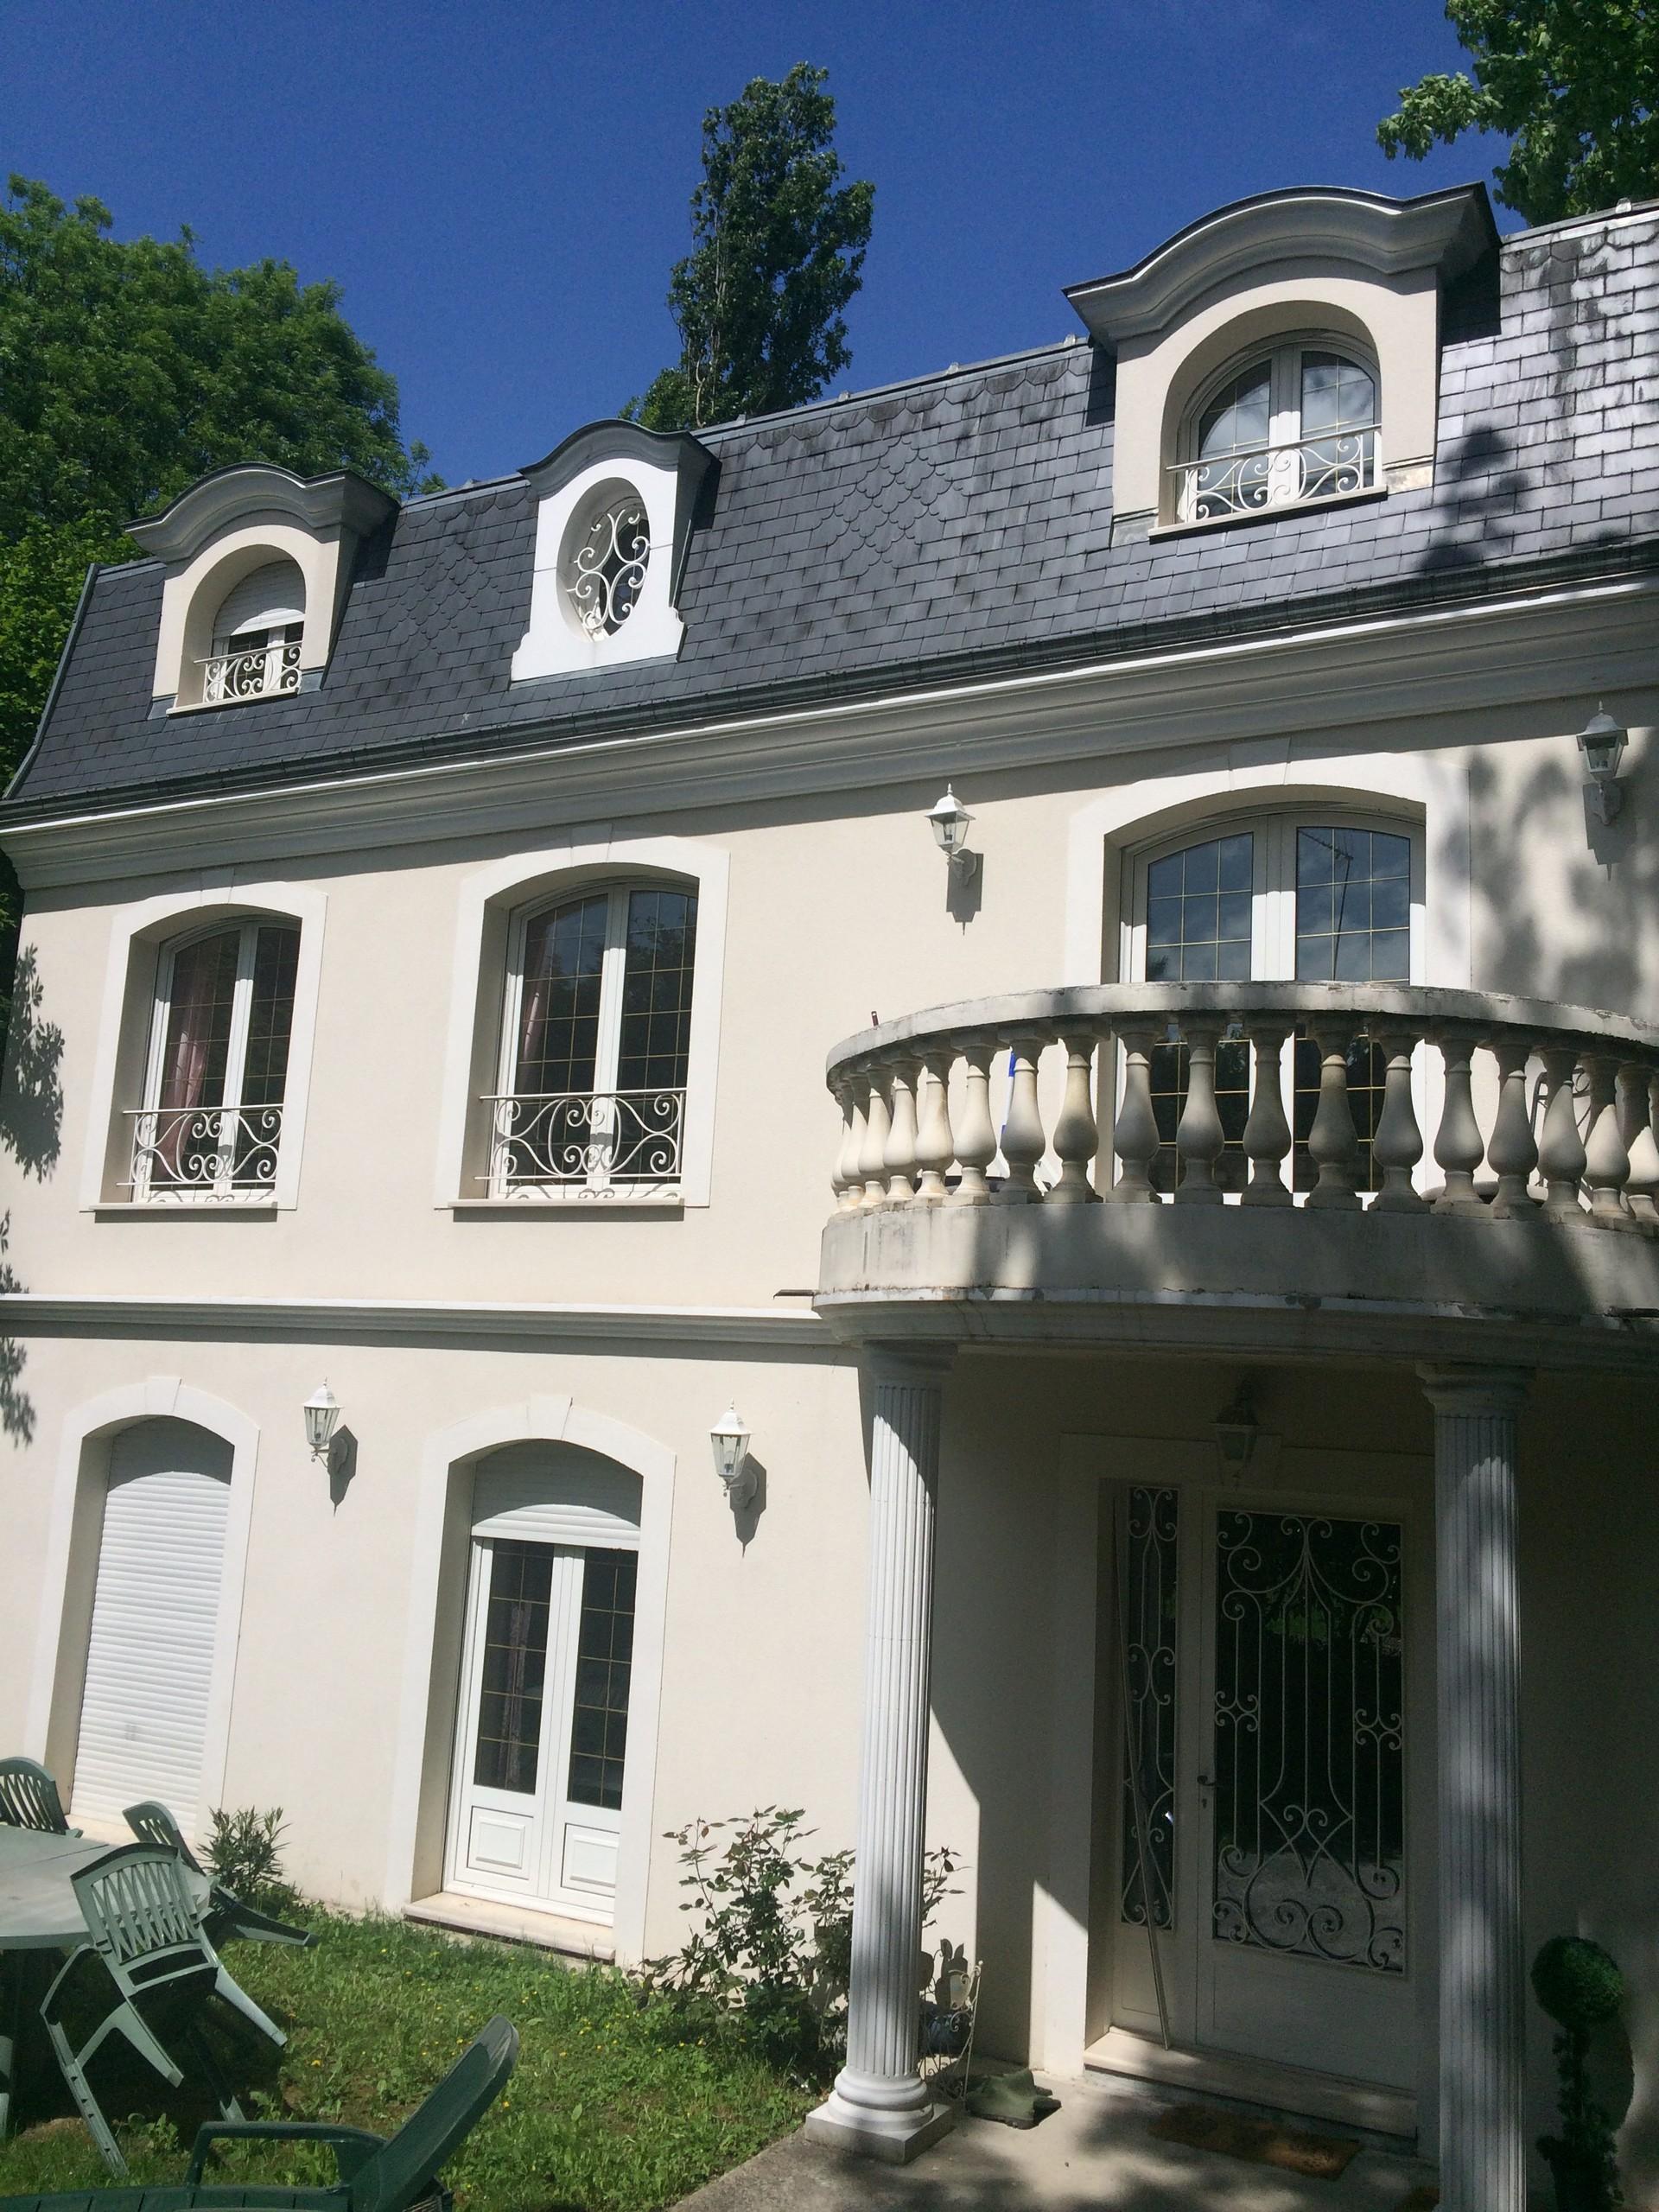 Chambre chez l habitant r sidences universitaires paris - Chambre chez l habitant versailles ...